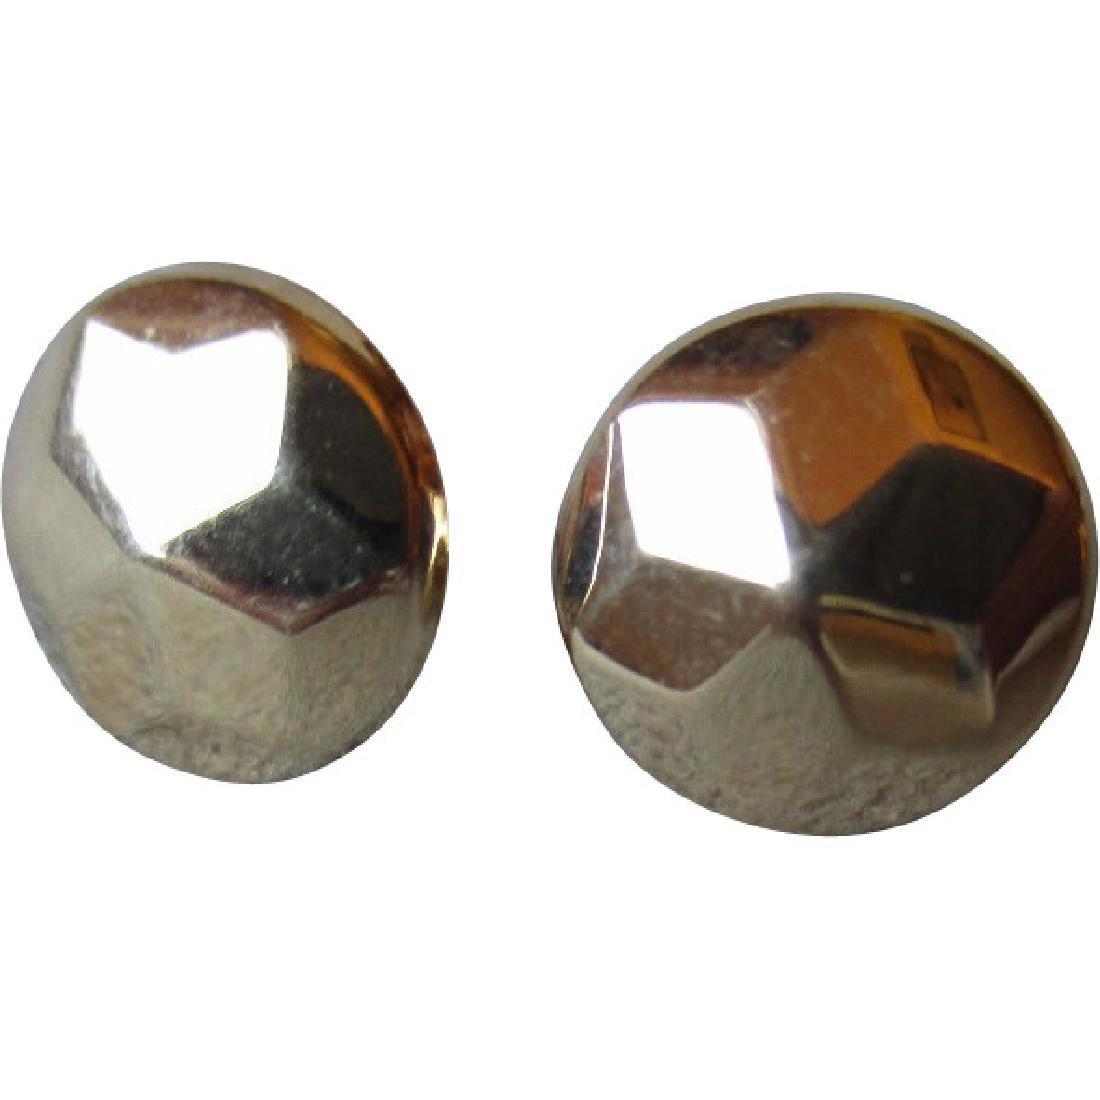 Wonderful Pair of 14k Gold Faceted Earrings